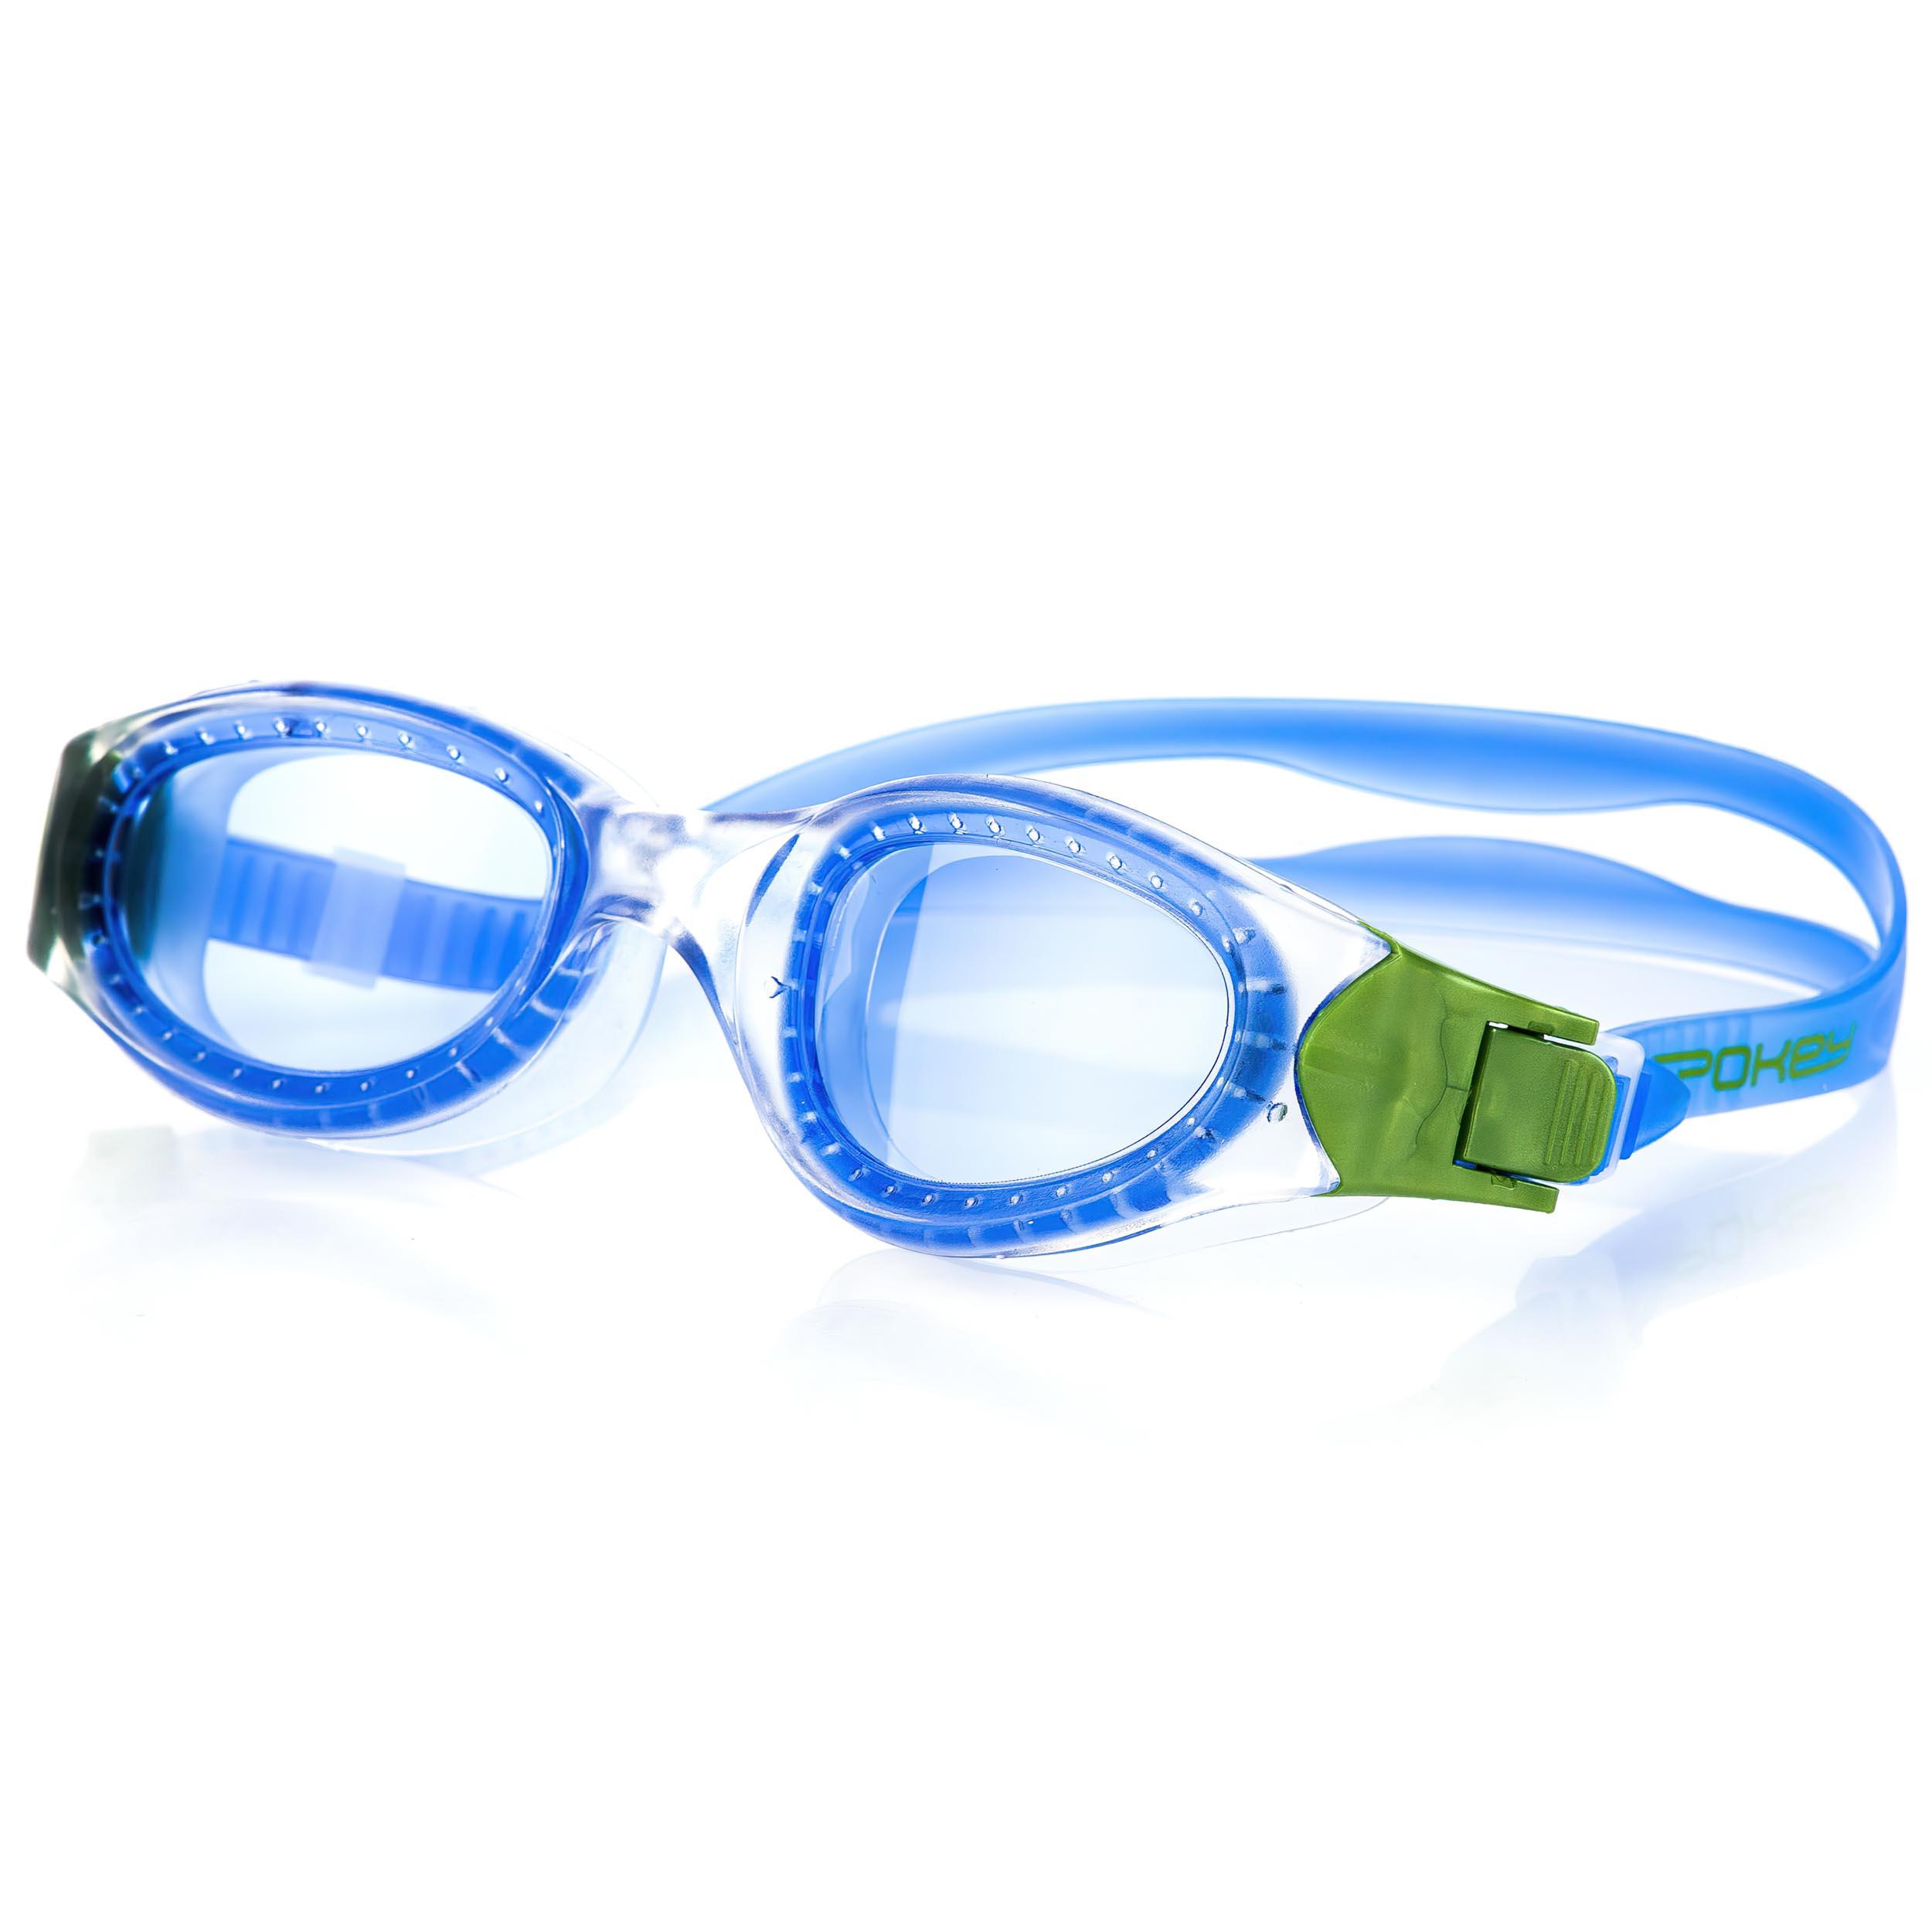 Plavecké brýle SIGIL modré